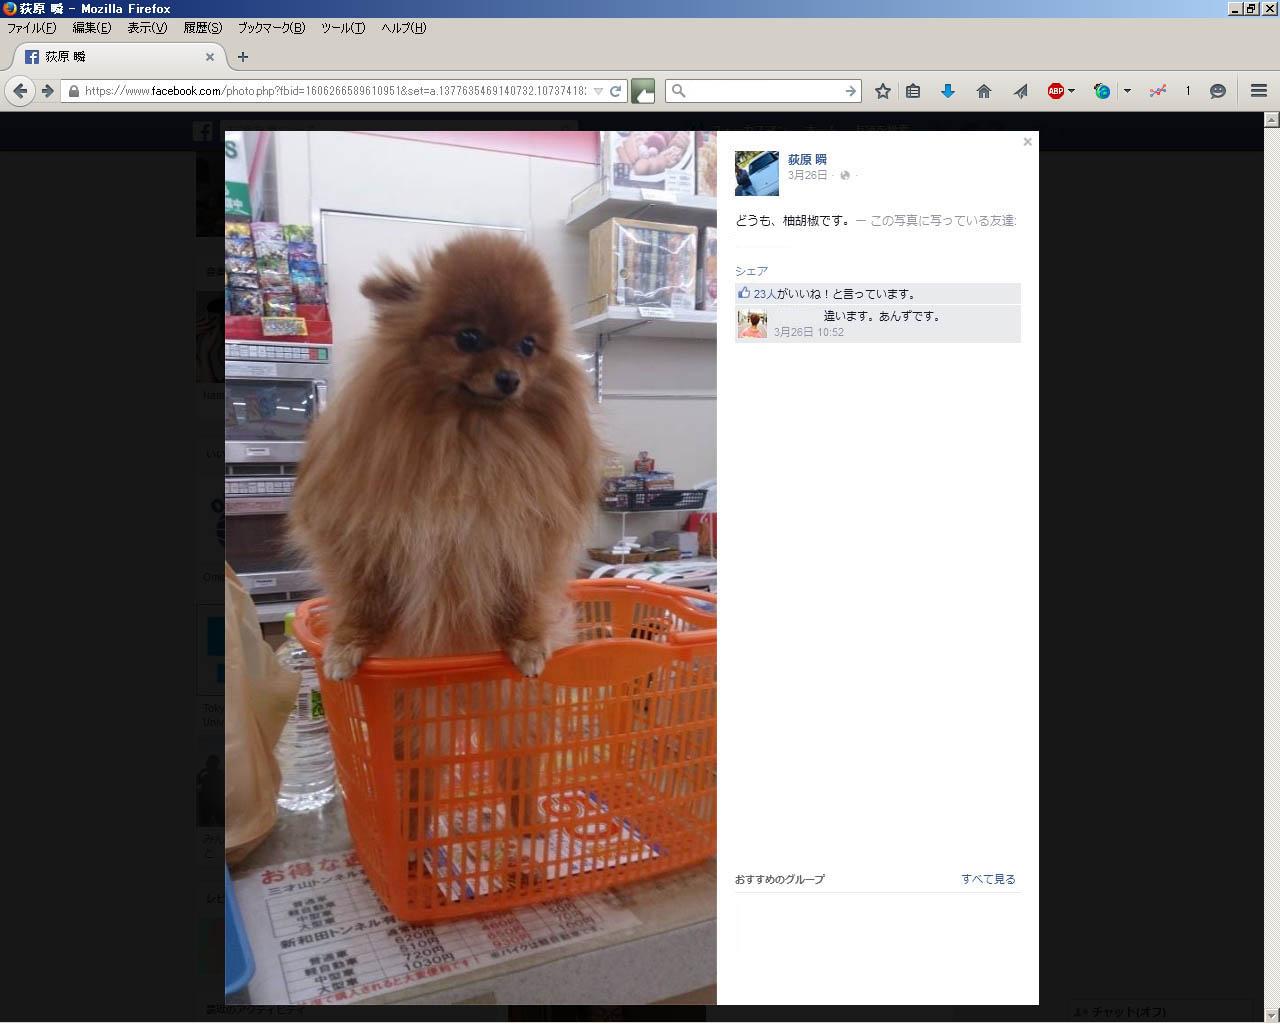 荻原瞬Facebookの問題ページ